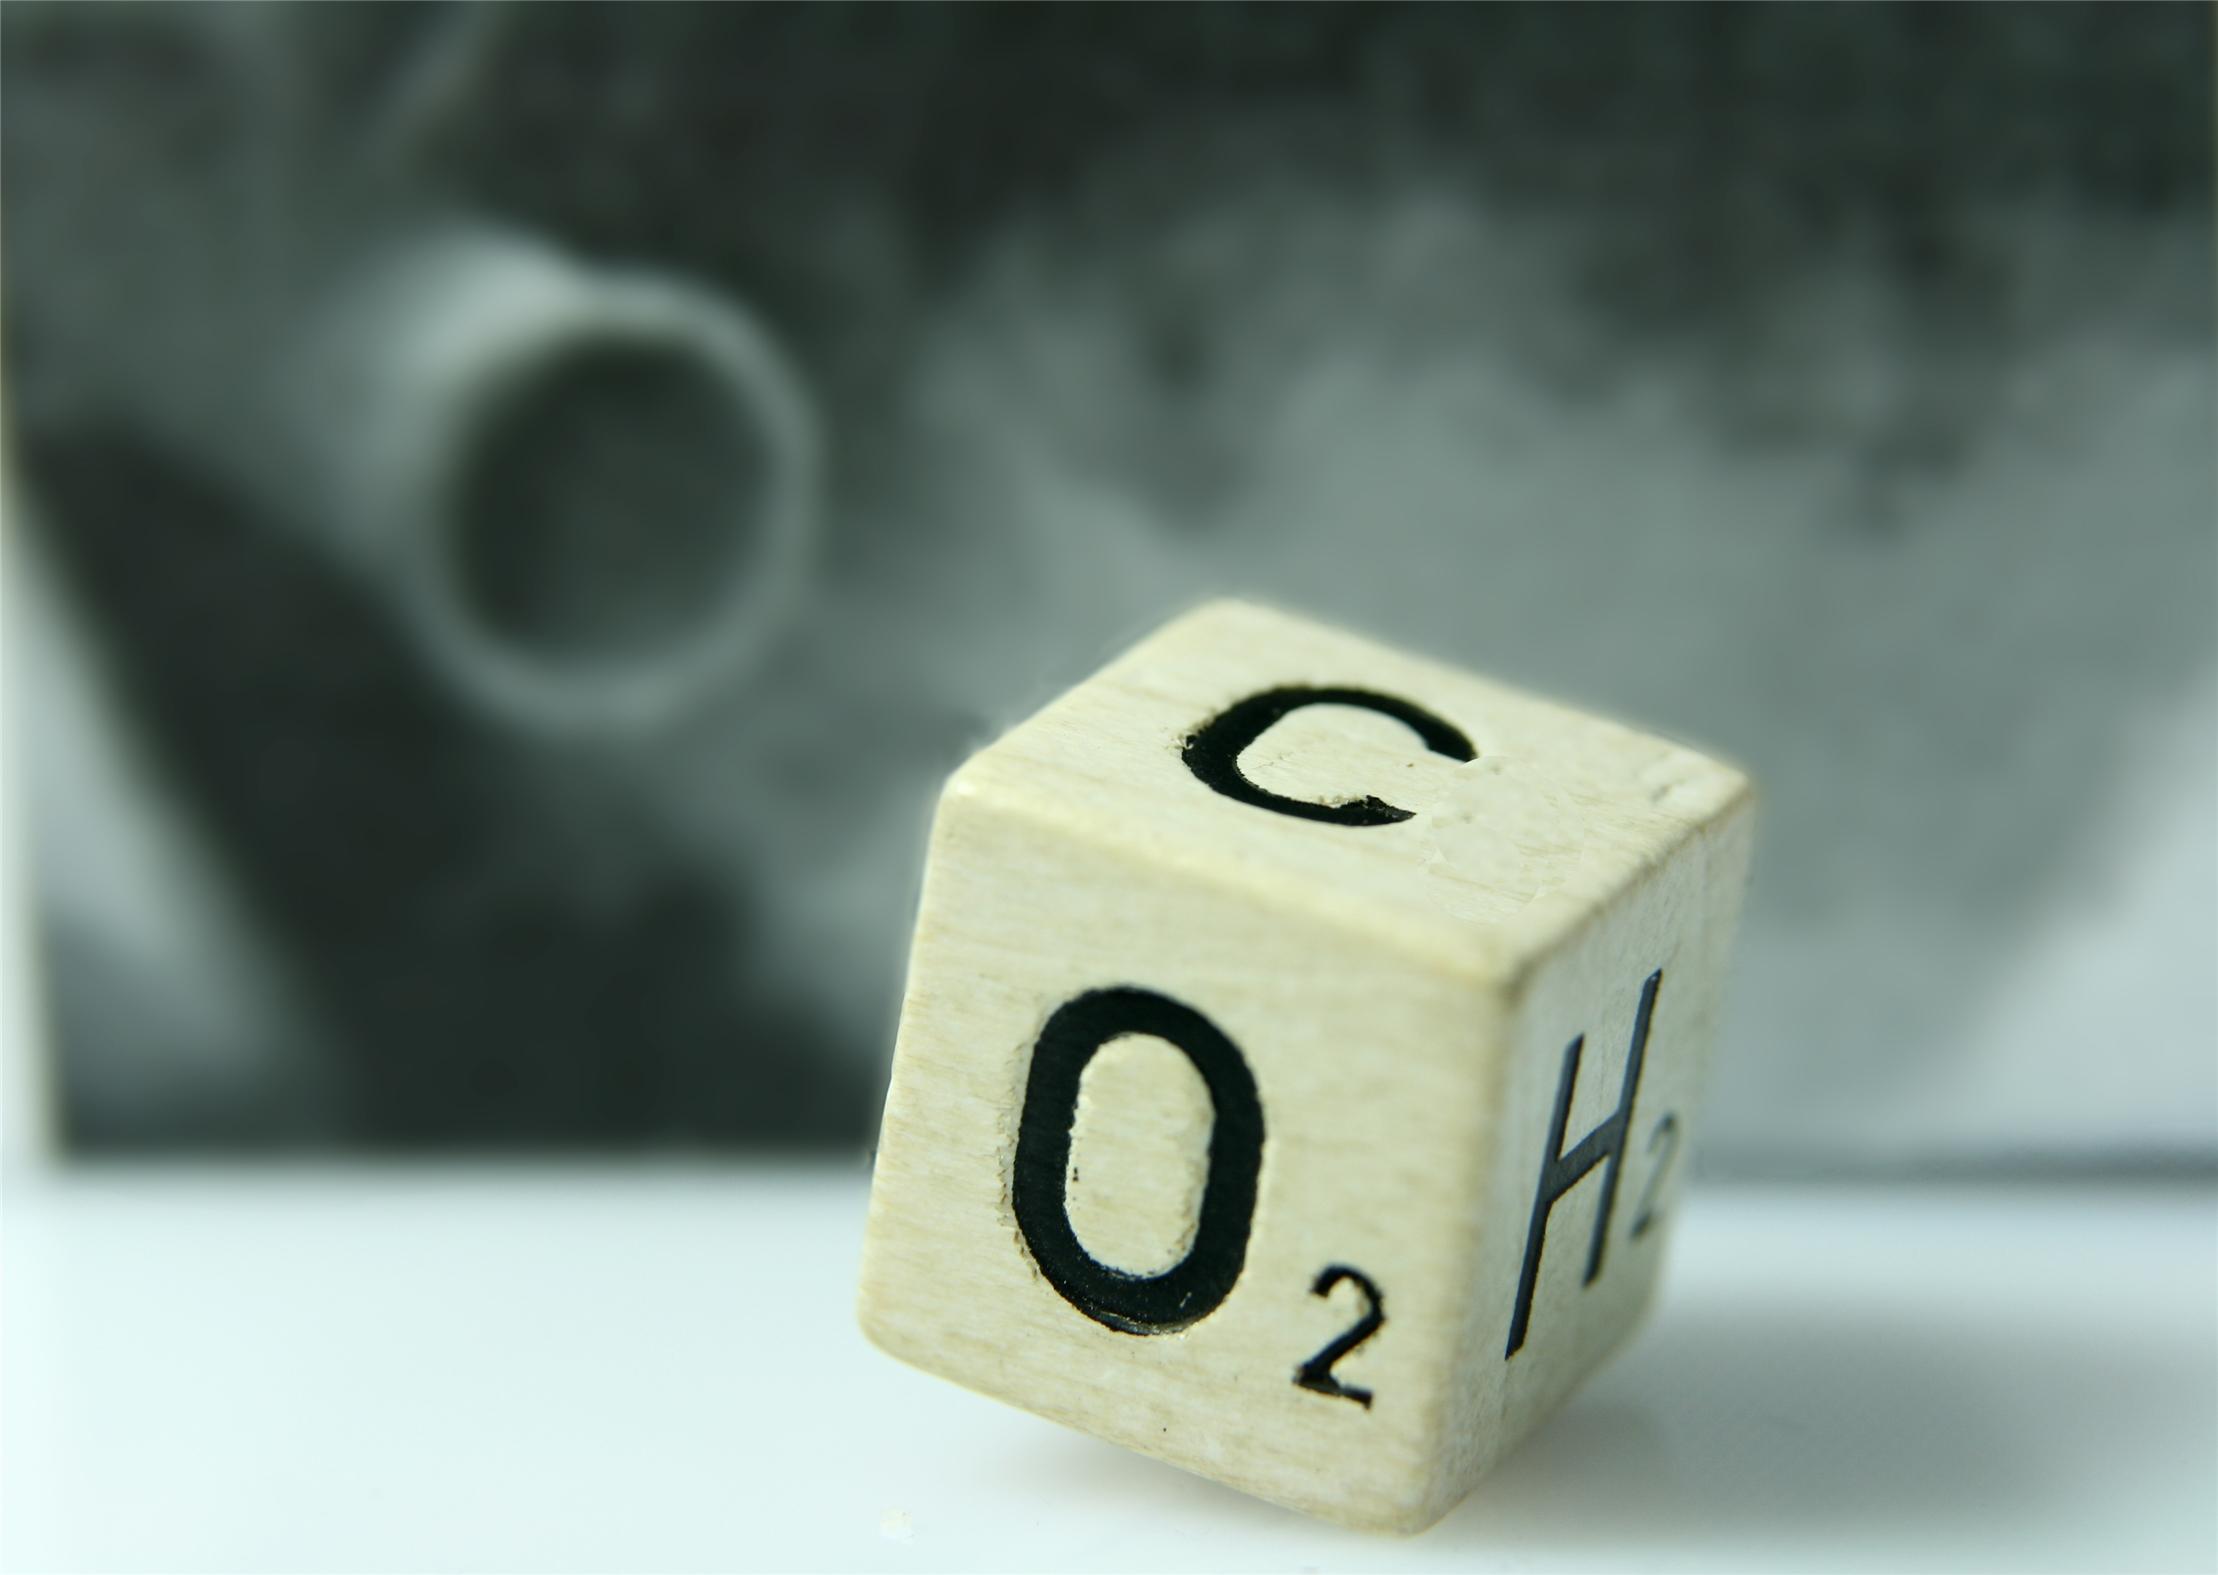 山西碳中和監測評估分中心成立